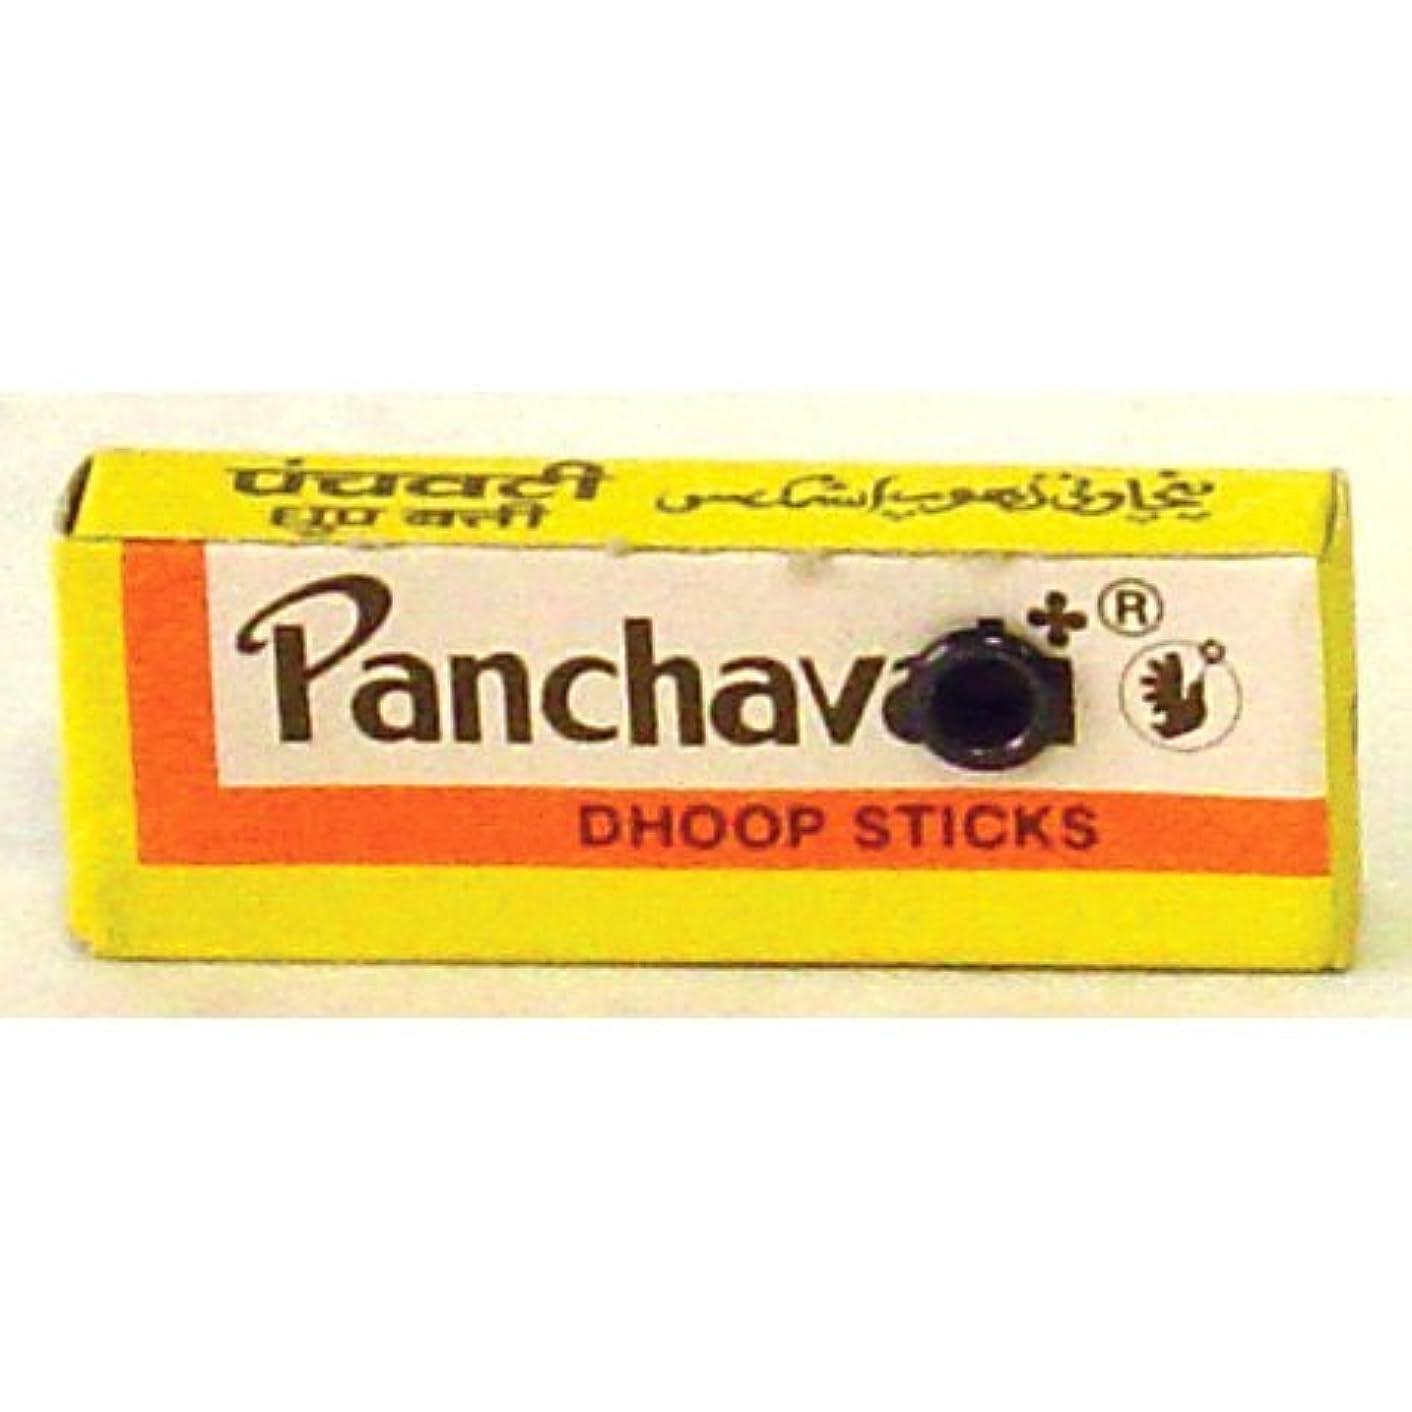 槍該当する規範siddhratan Panchavati Small Dhoopスティック12ボックスの10 Sticks